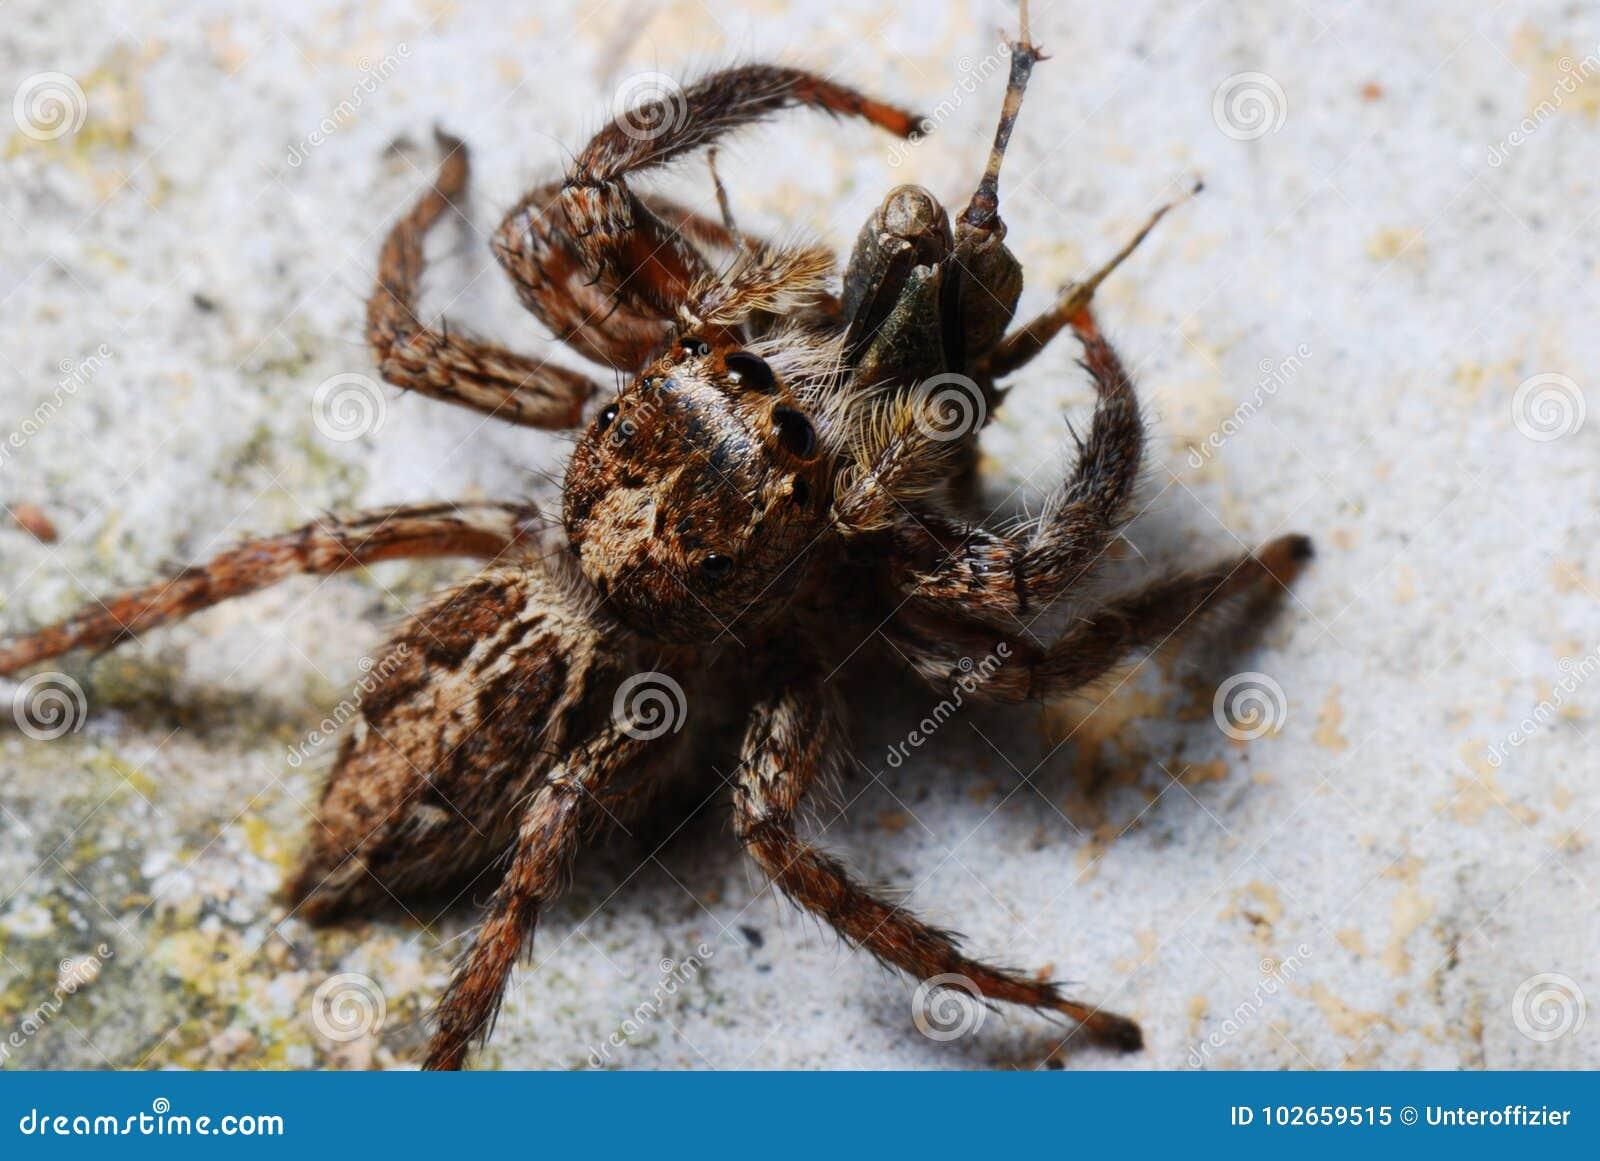 En spindel fångade ett rov